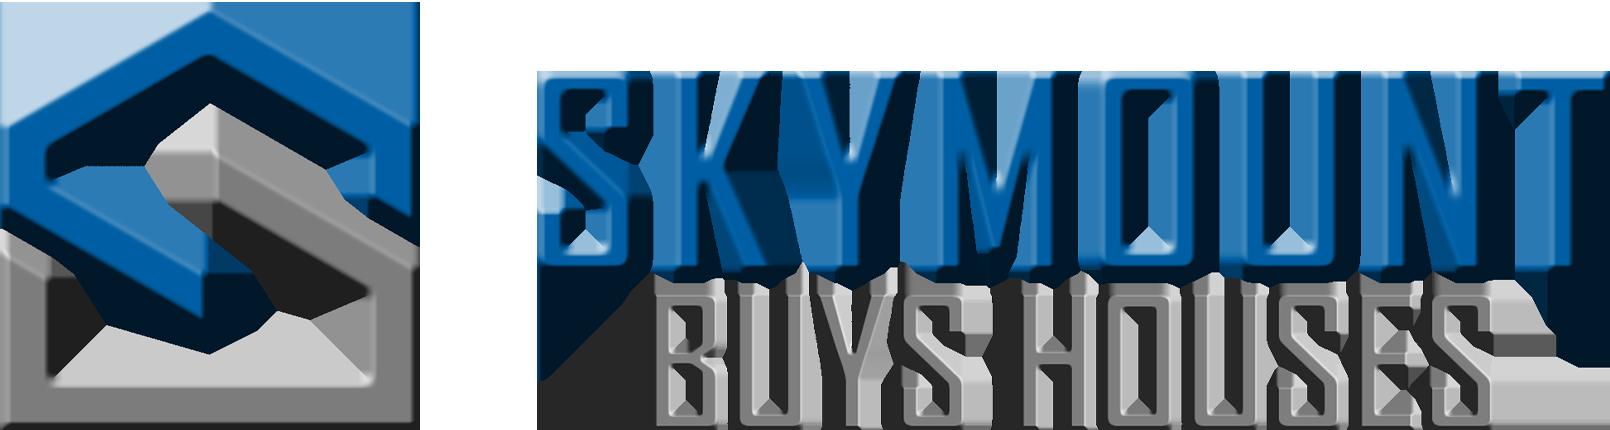 SKYMOUNT BUYS HOUSES logo